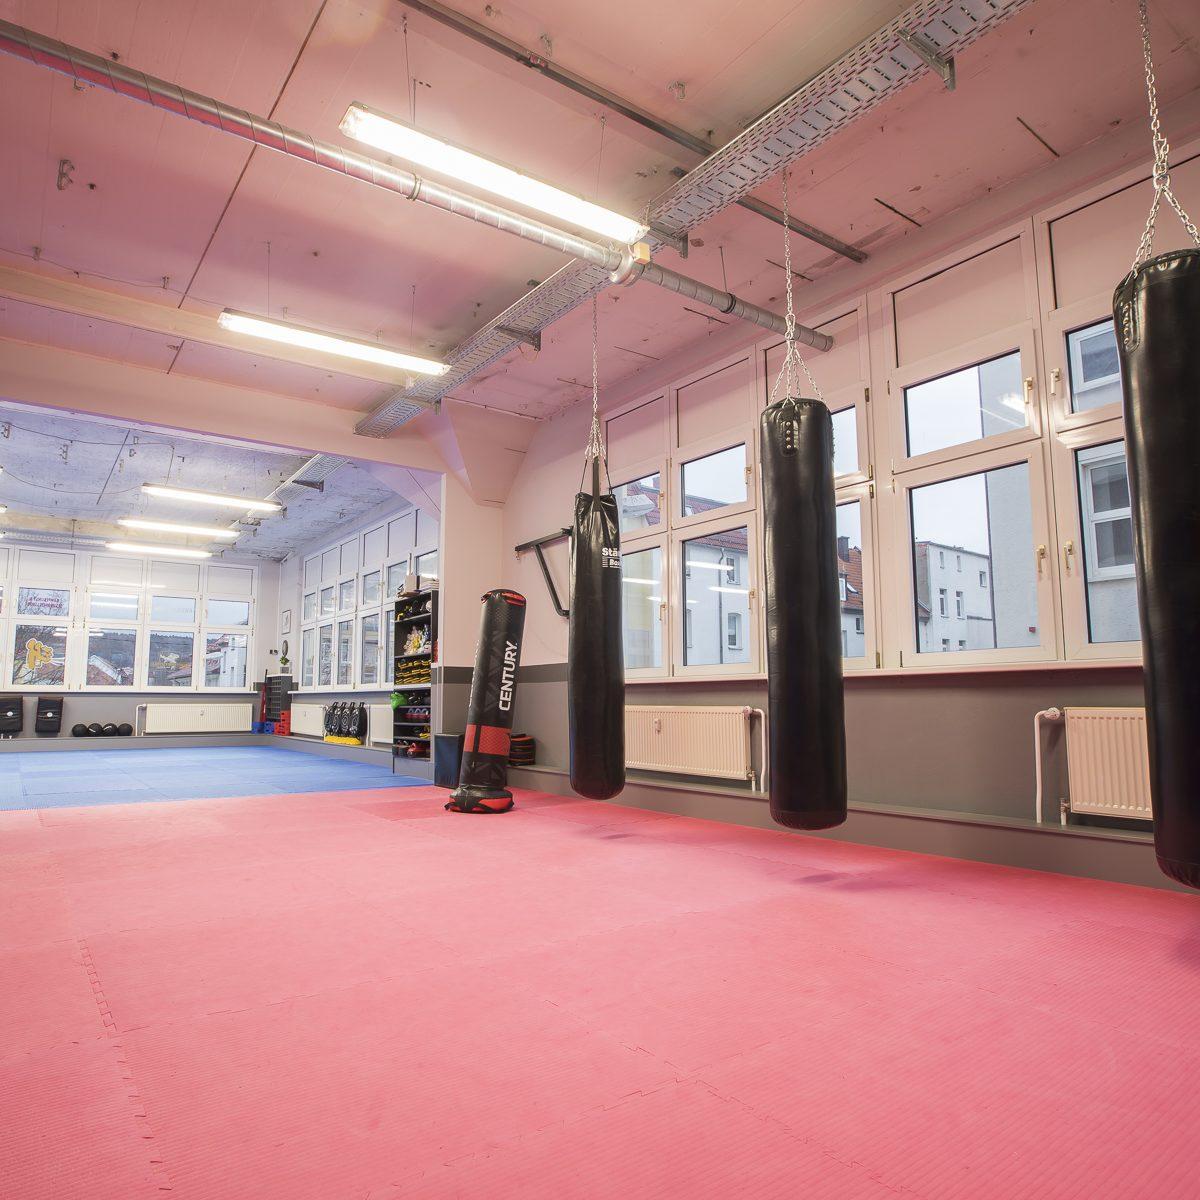 Blick auf den Trainingsbereich der Kampfsportschule Jena aus dem Funktionsbereich heraus.